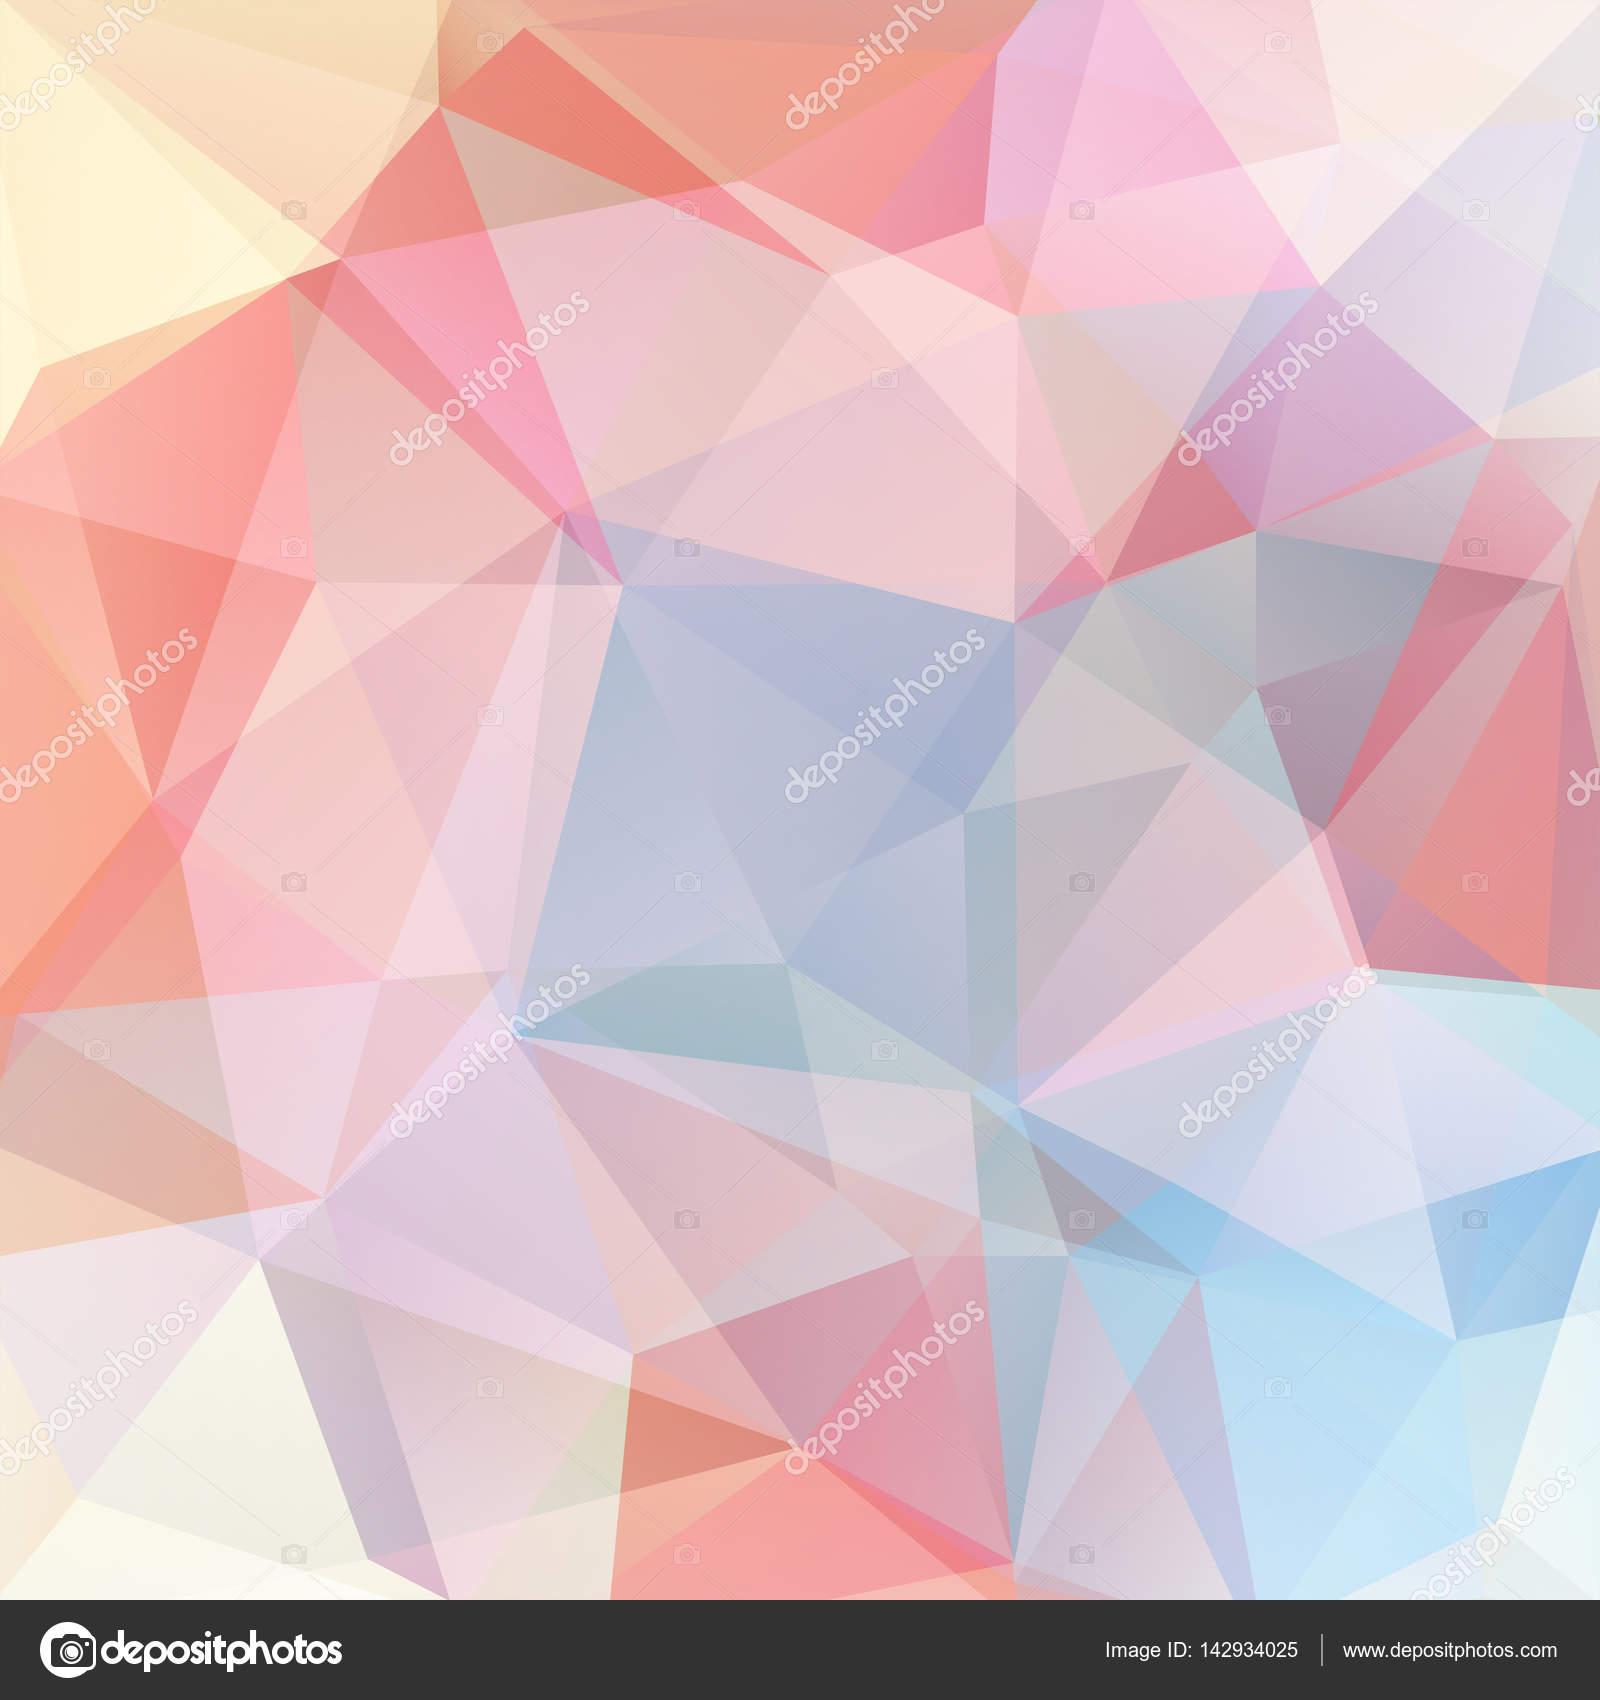 Vettore Sfondi Colore Rosa Pastello Stile Geometrico Astratto